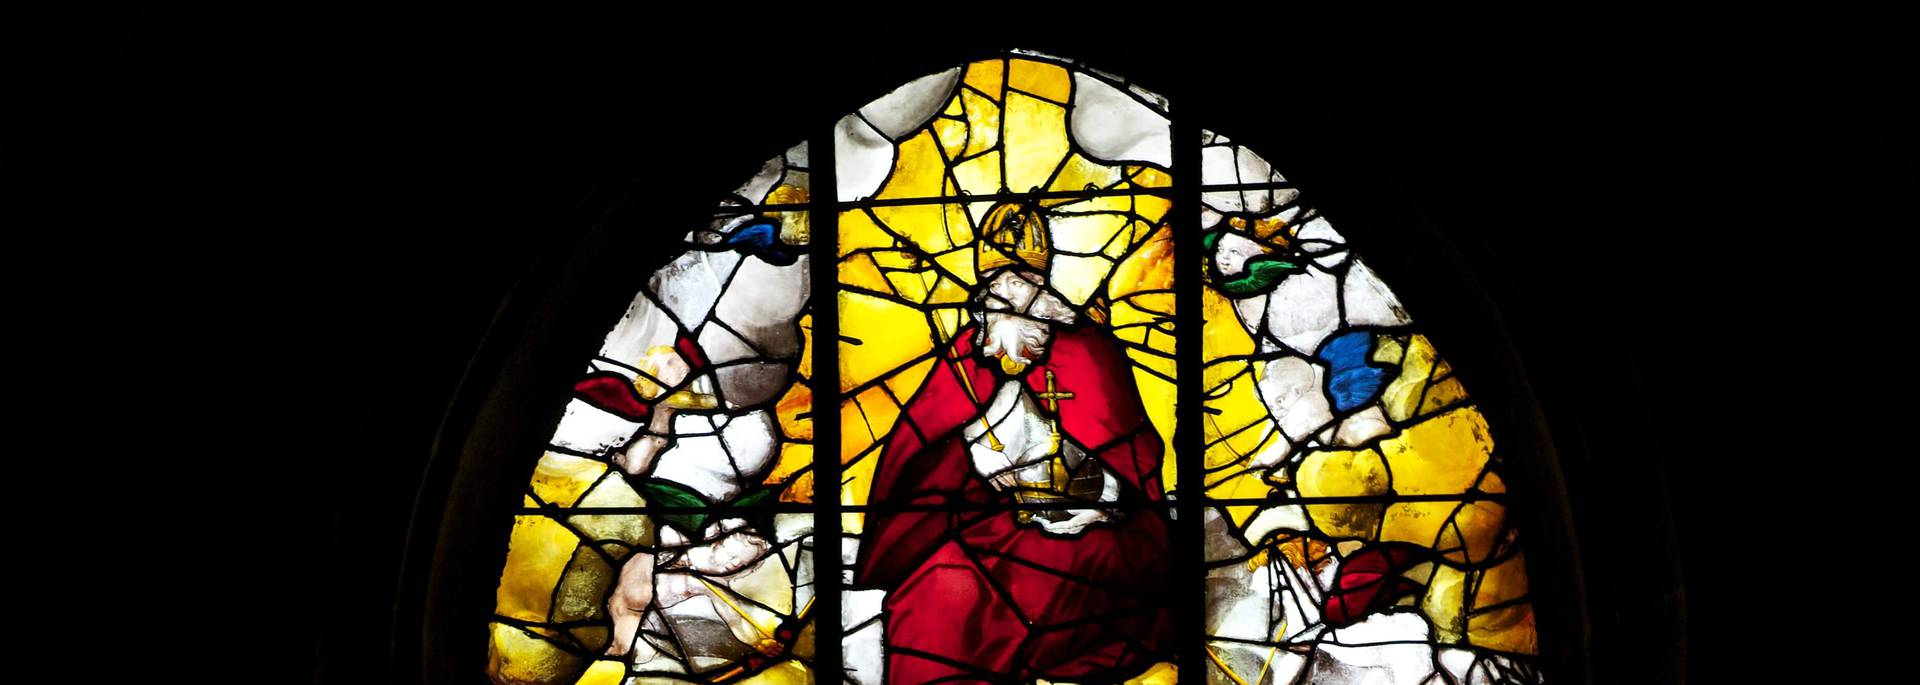 Vitraux de l'Eglise Saint-Aignan à Chartres